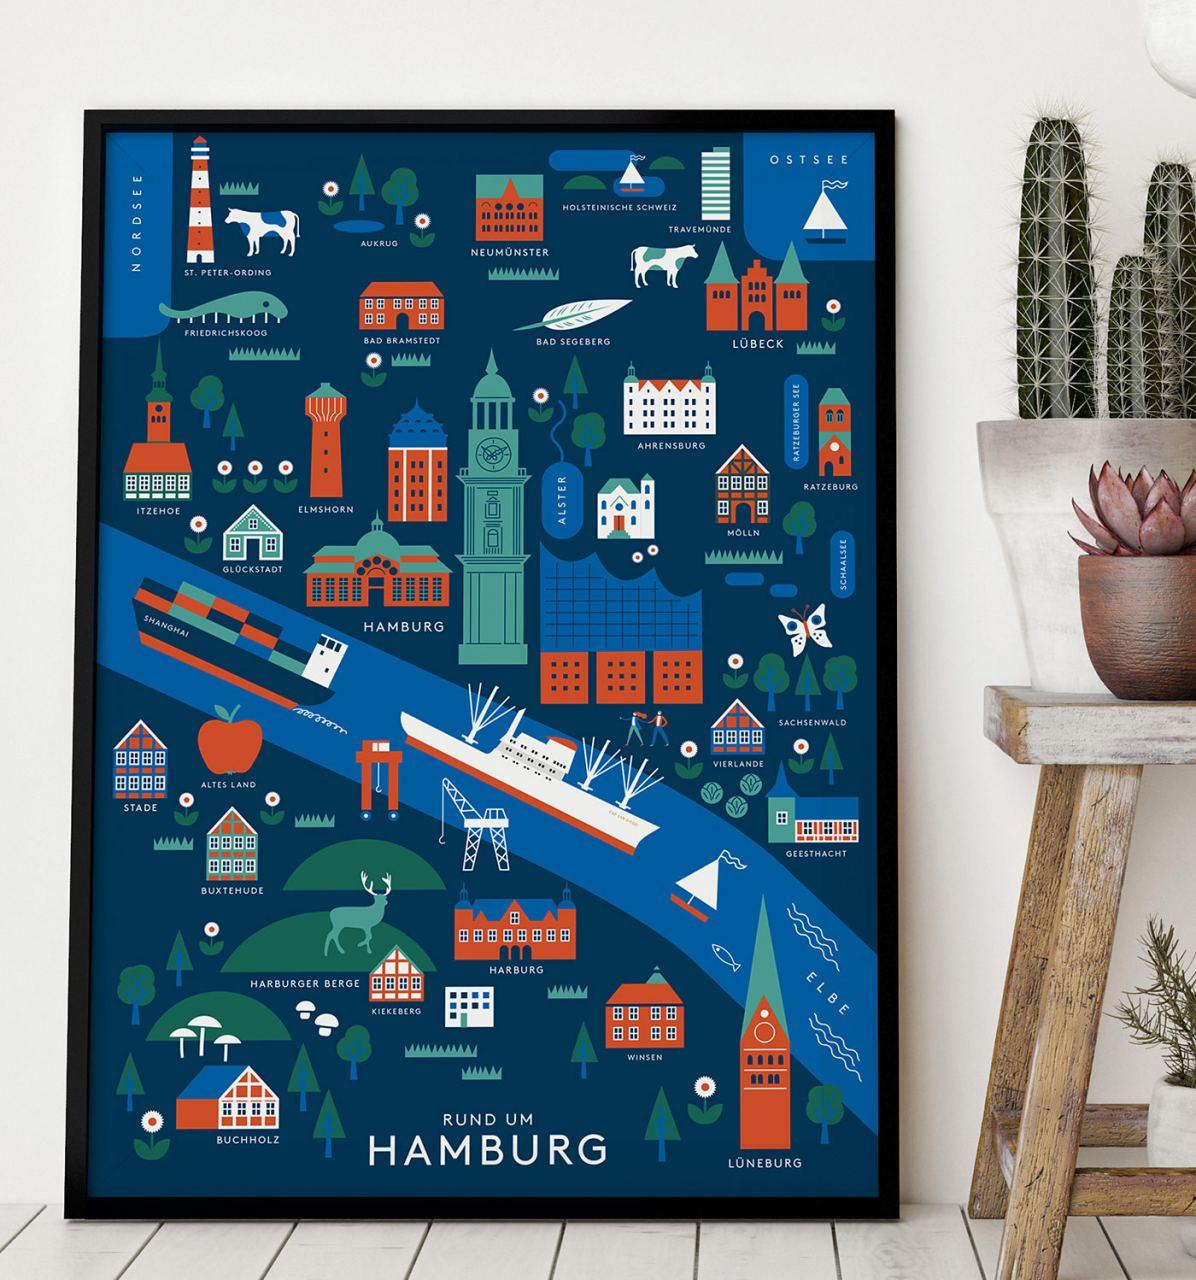 Rund um Hamburg Poster